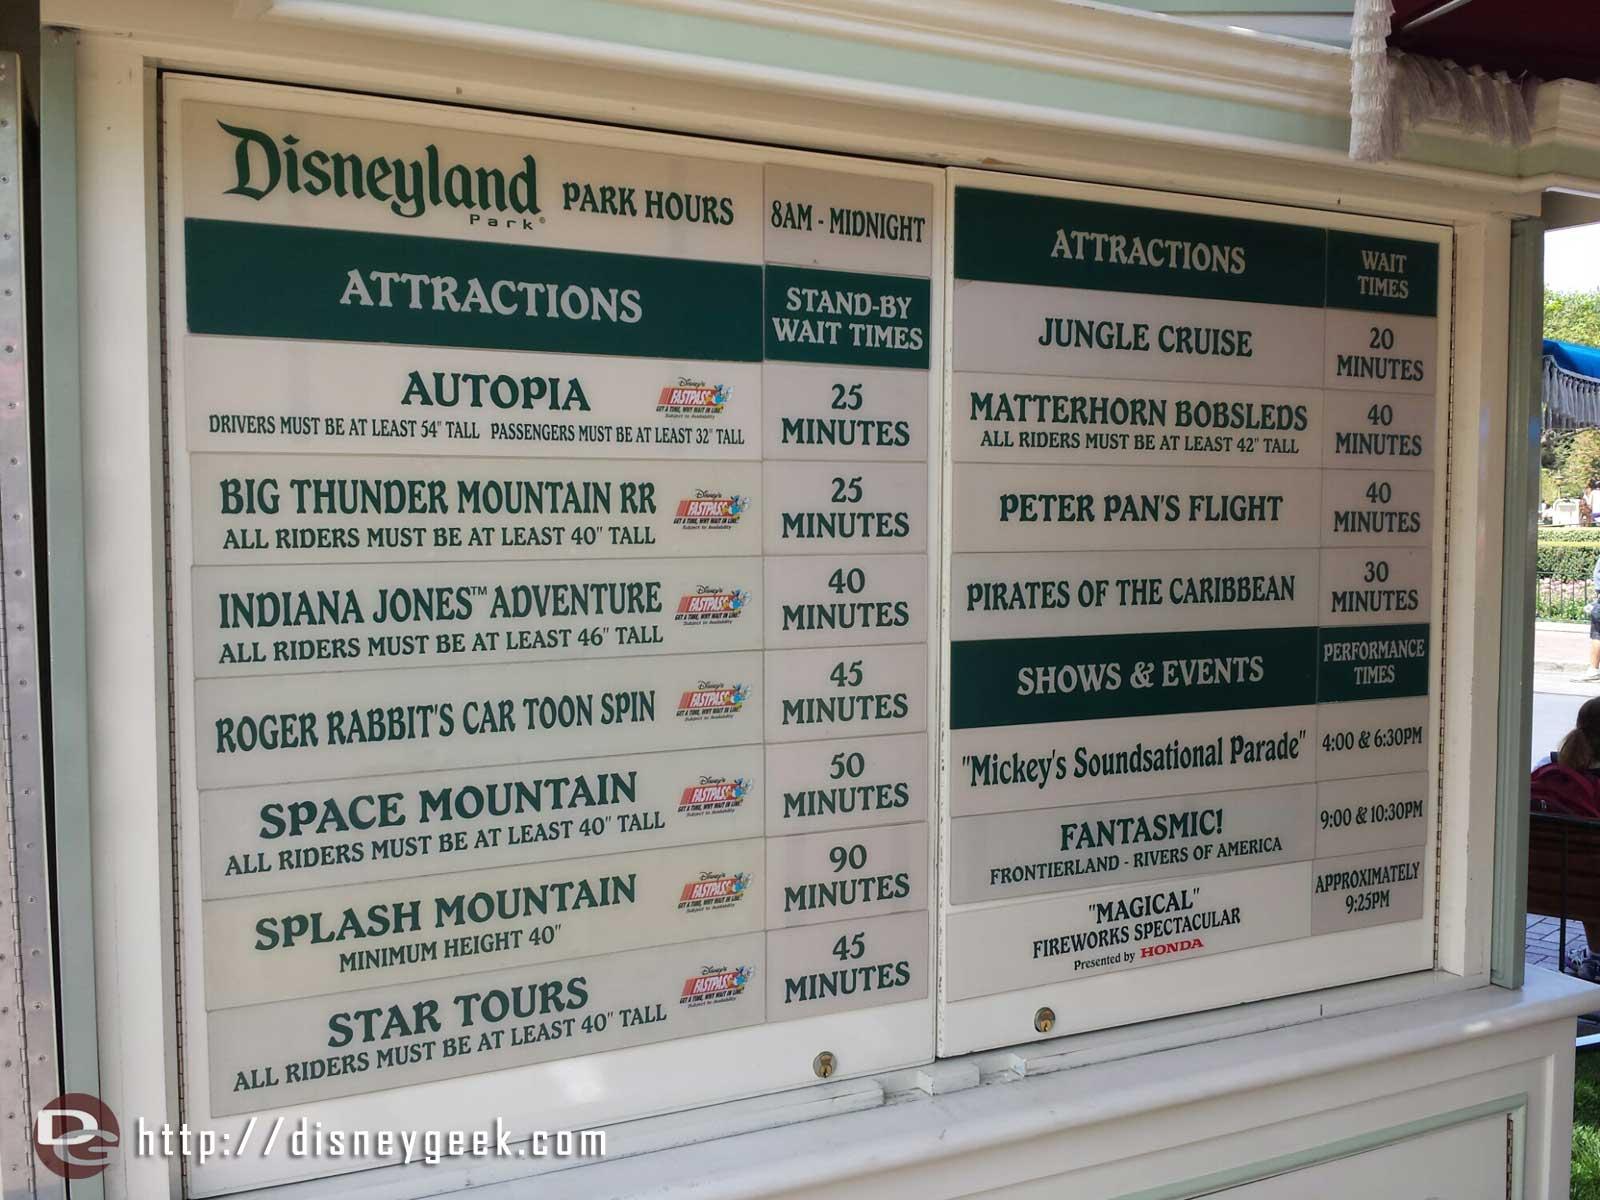 ##Disneyland wait times around 2:15pm